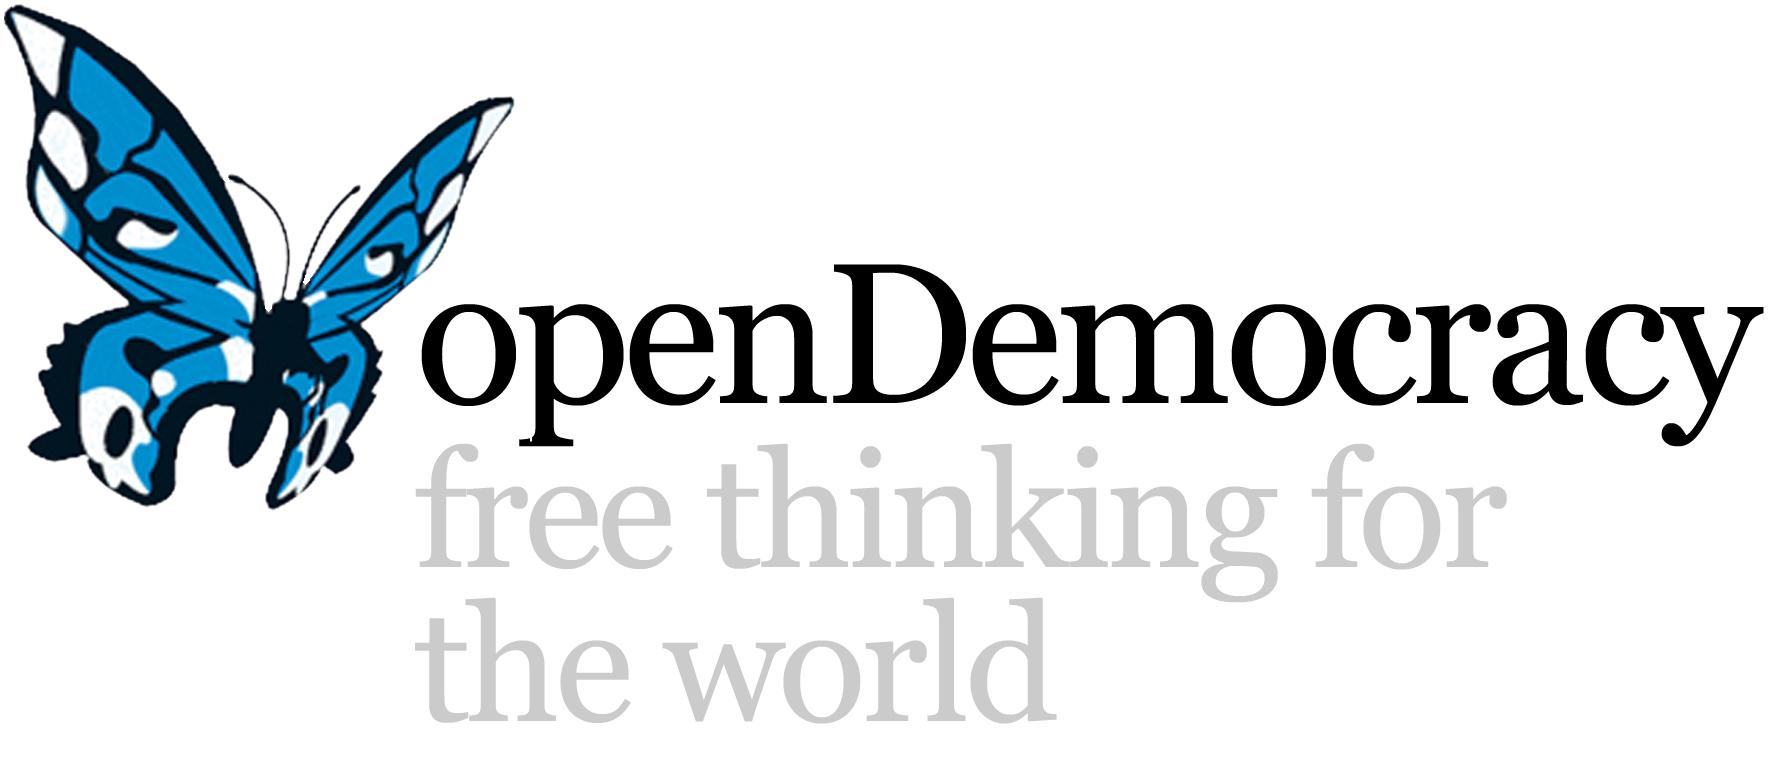 opendemocracy_300dpi